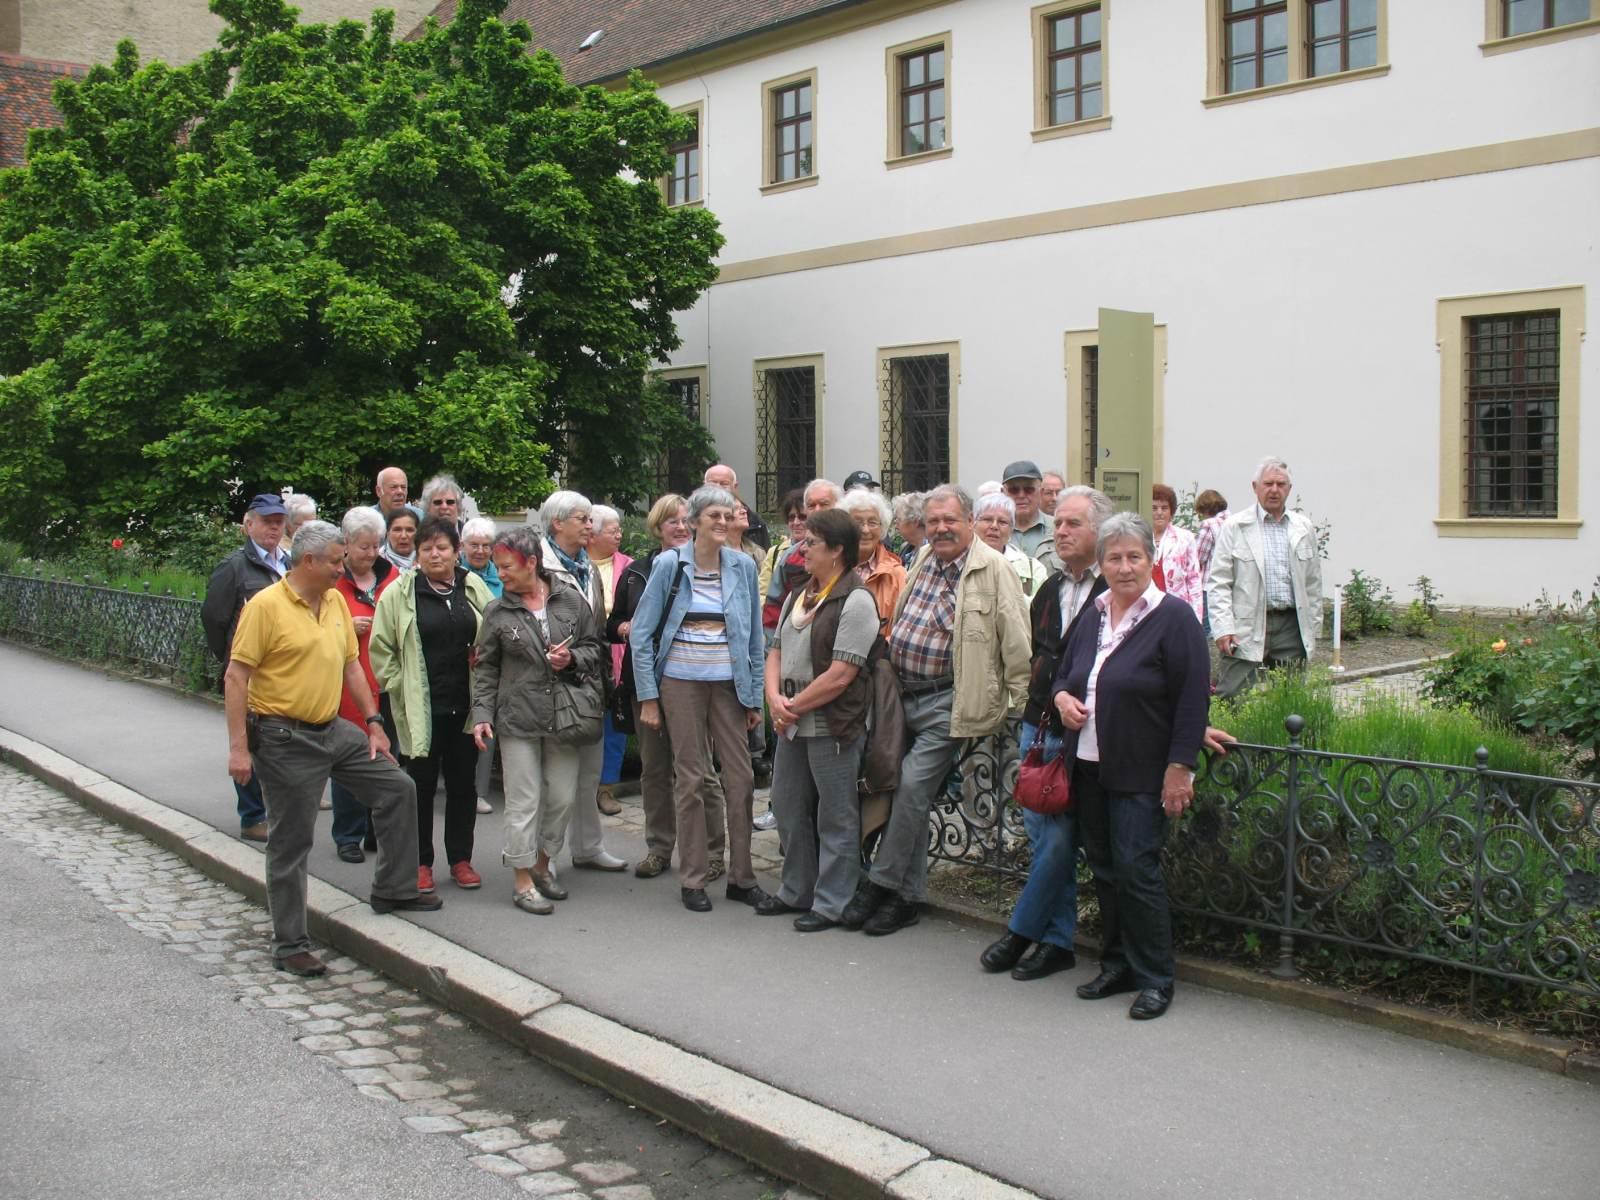 2013_06_11 Regensburg, Am Eingang zum Schloss